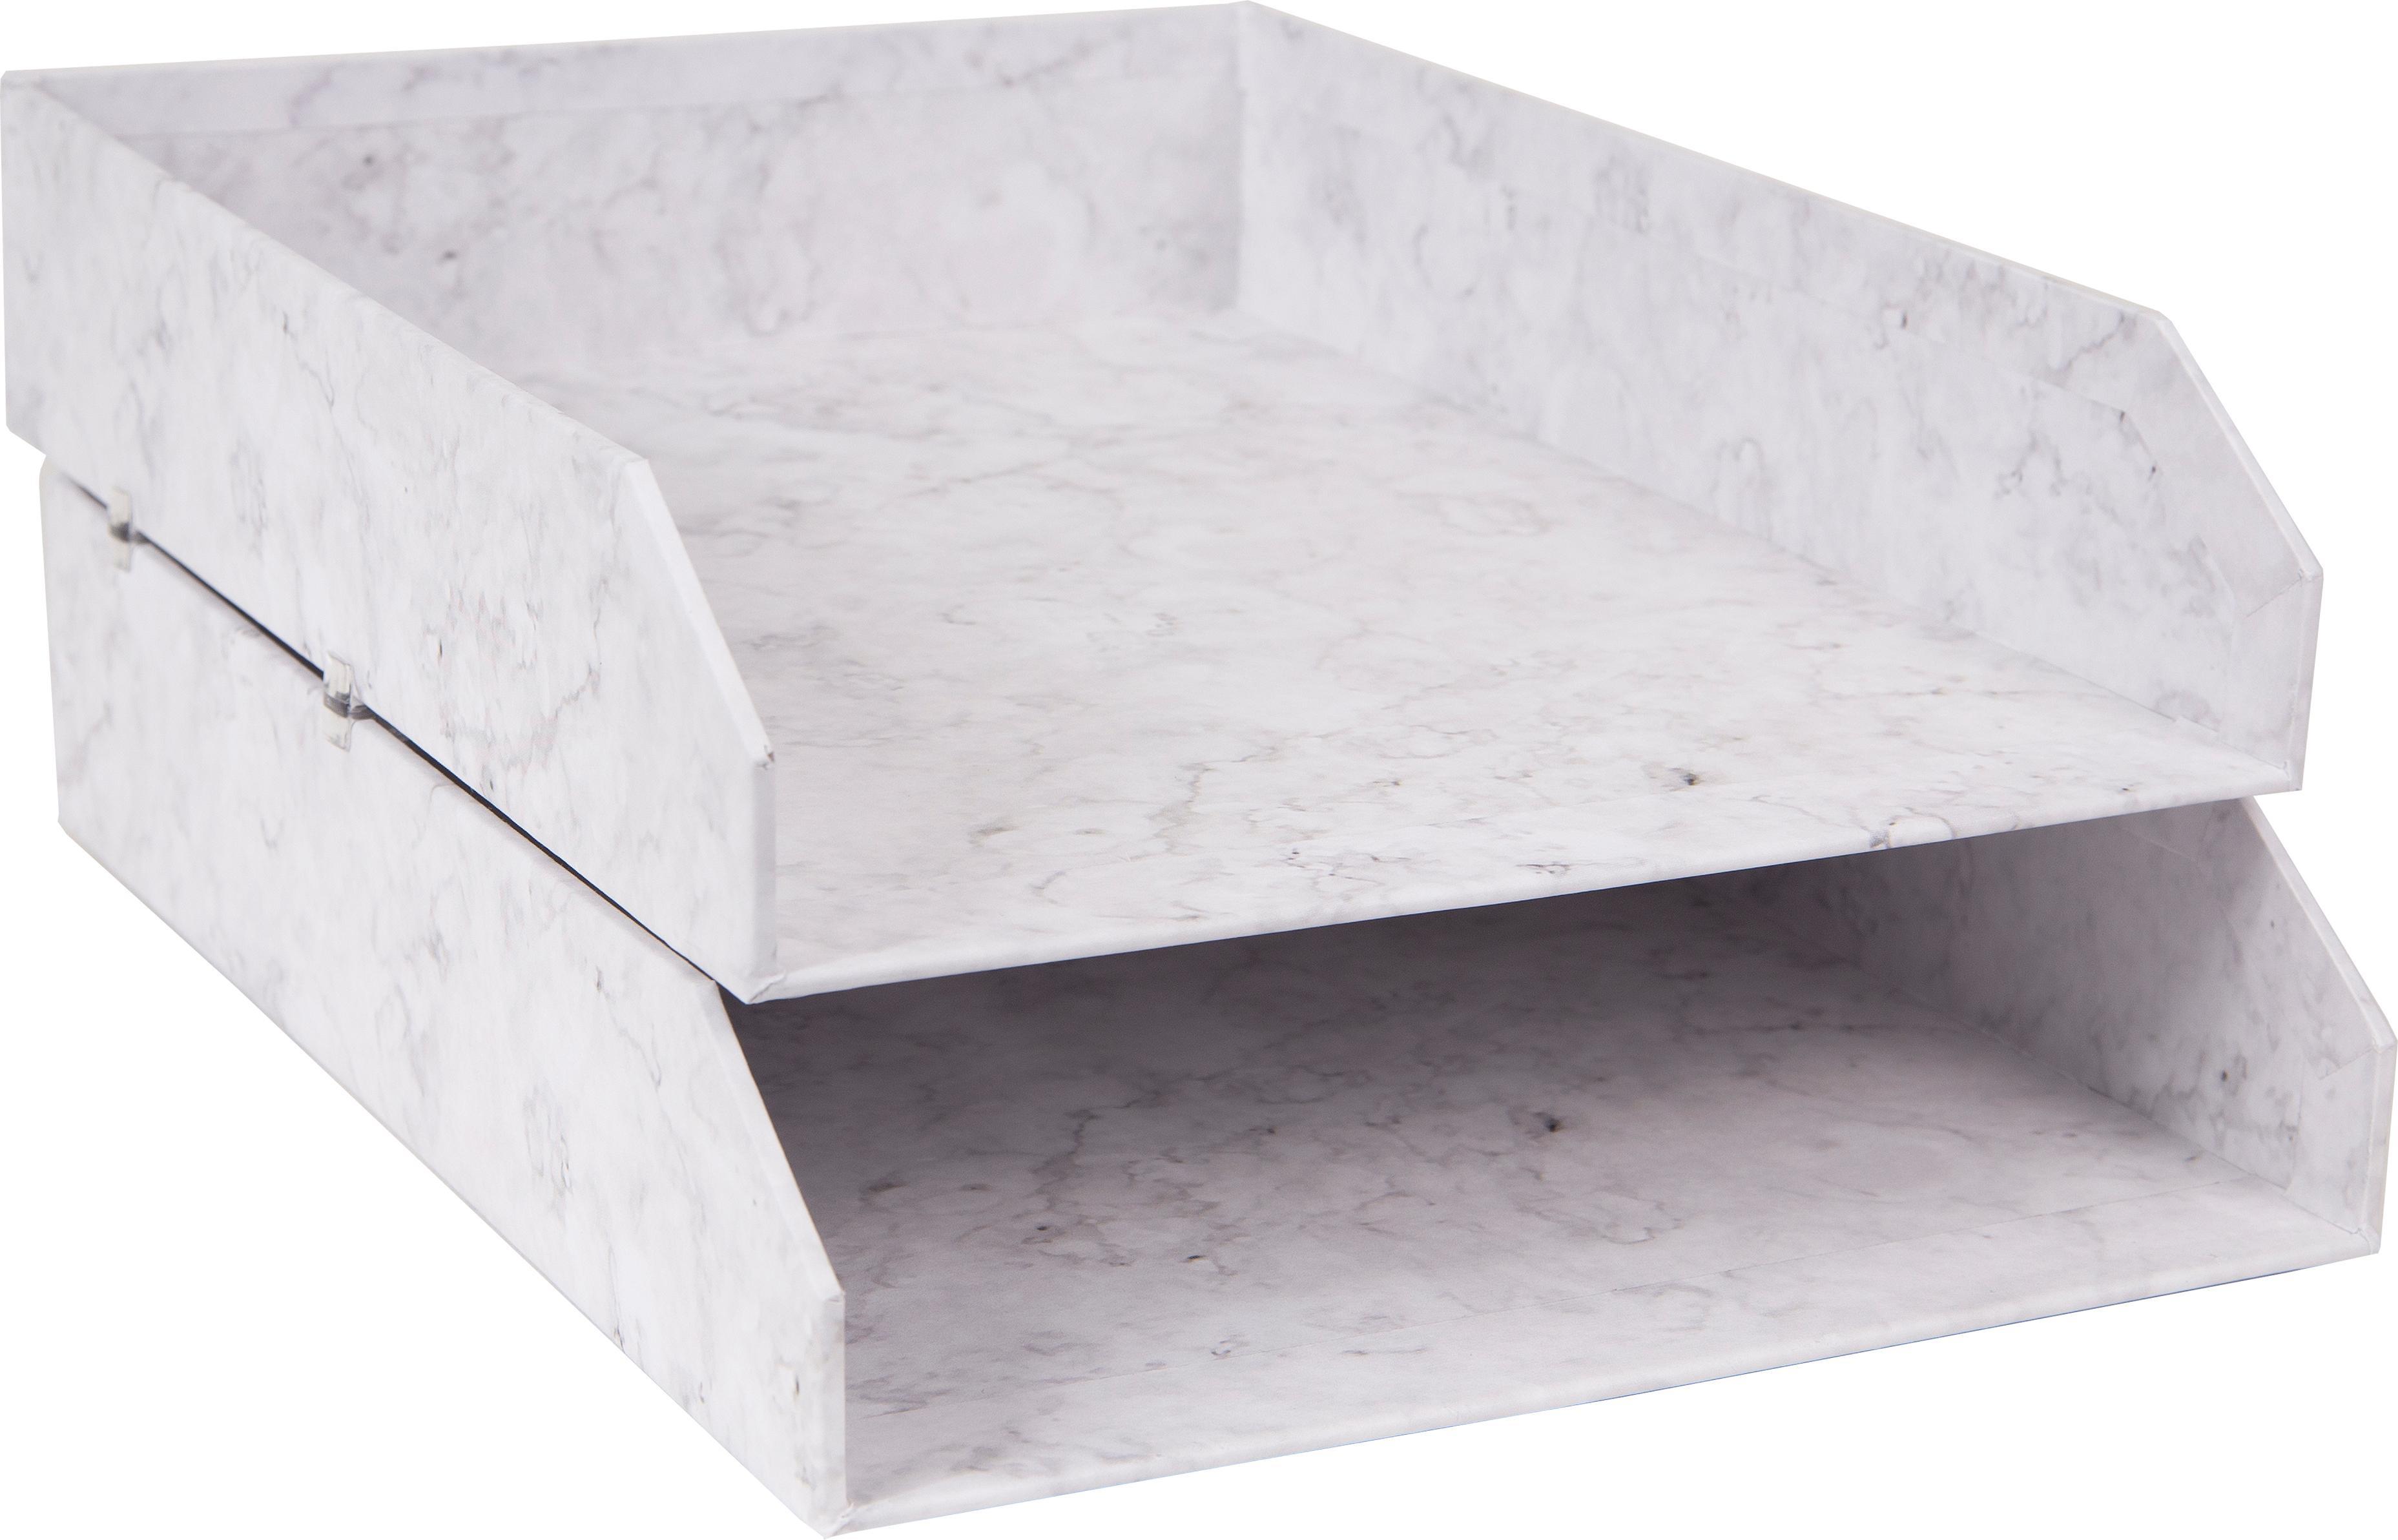 Vassoio per documenti Hakan, 2 pz., Solido, cartone laminato, Bianco marmorizzato, Larg. 23 x Prof. 31 cm